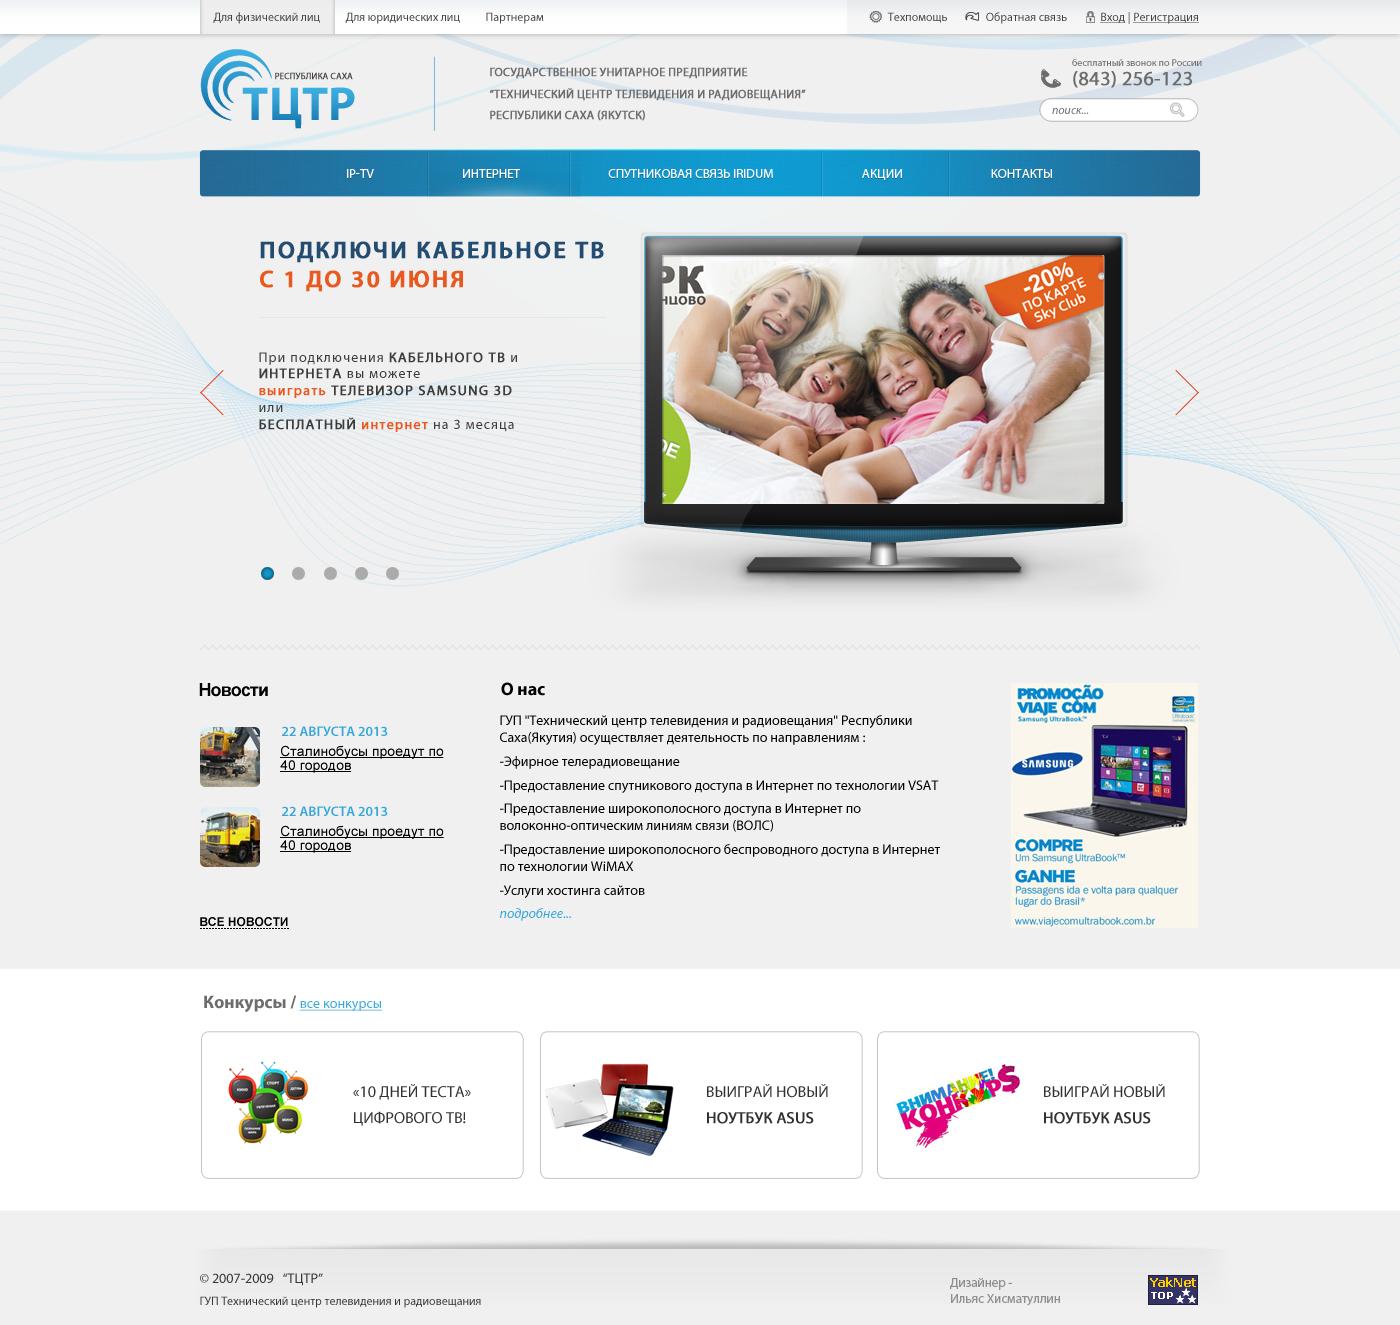 Дизайн сайта ТЦТР